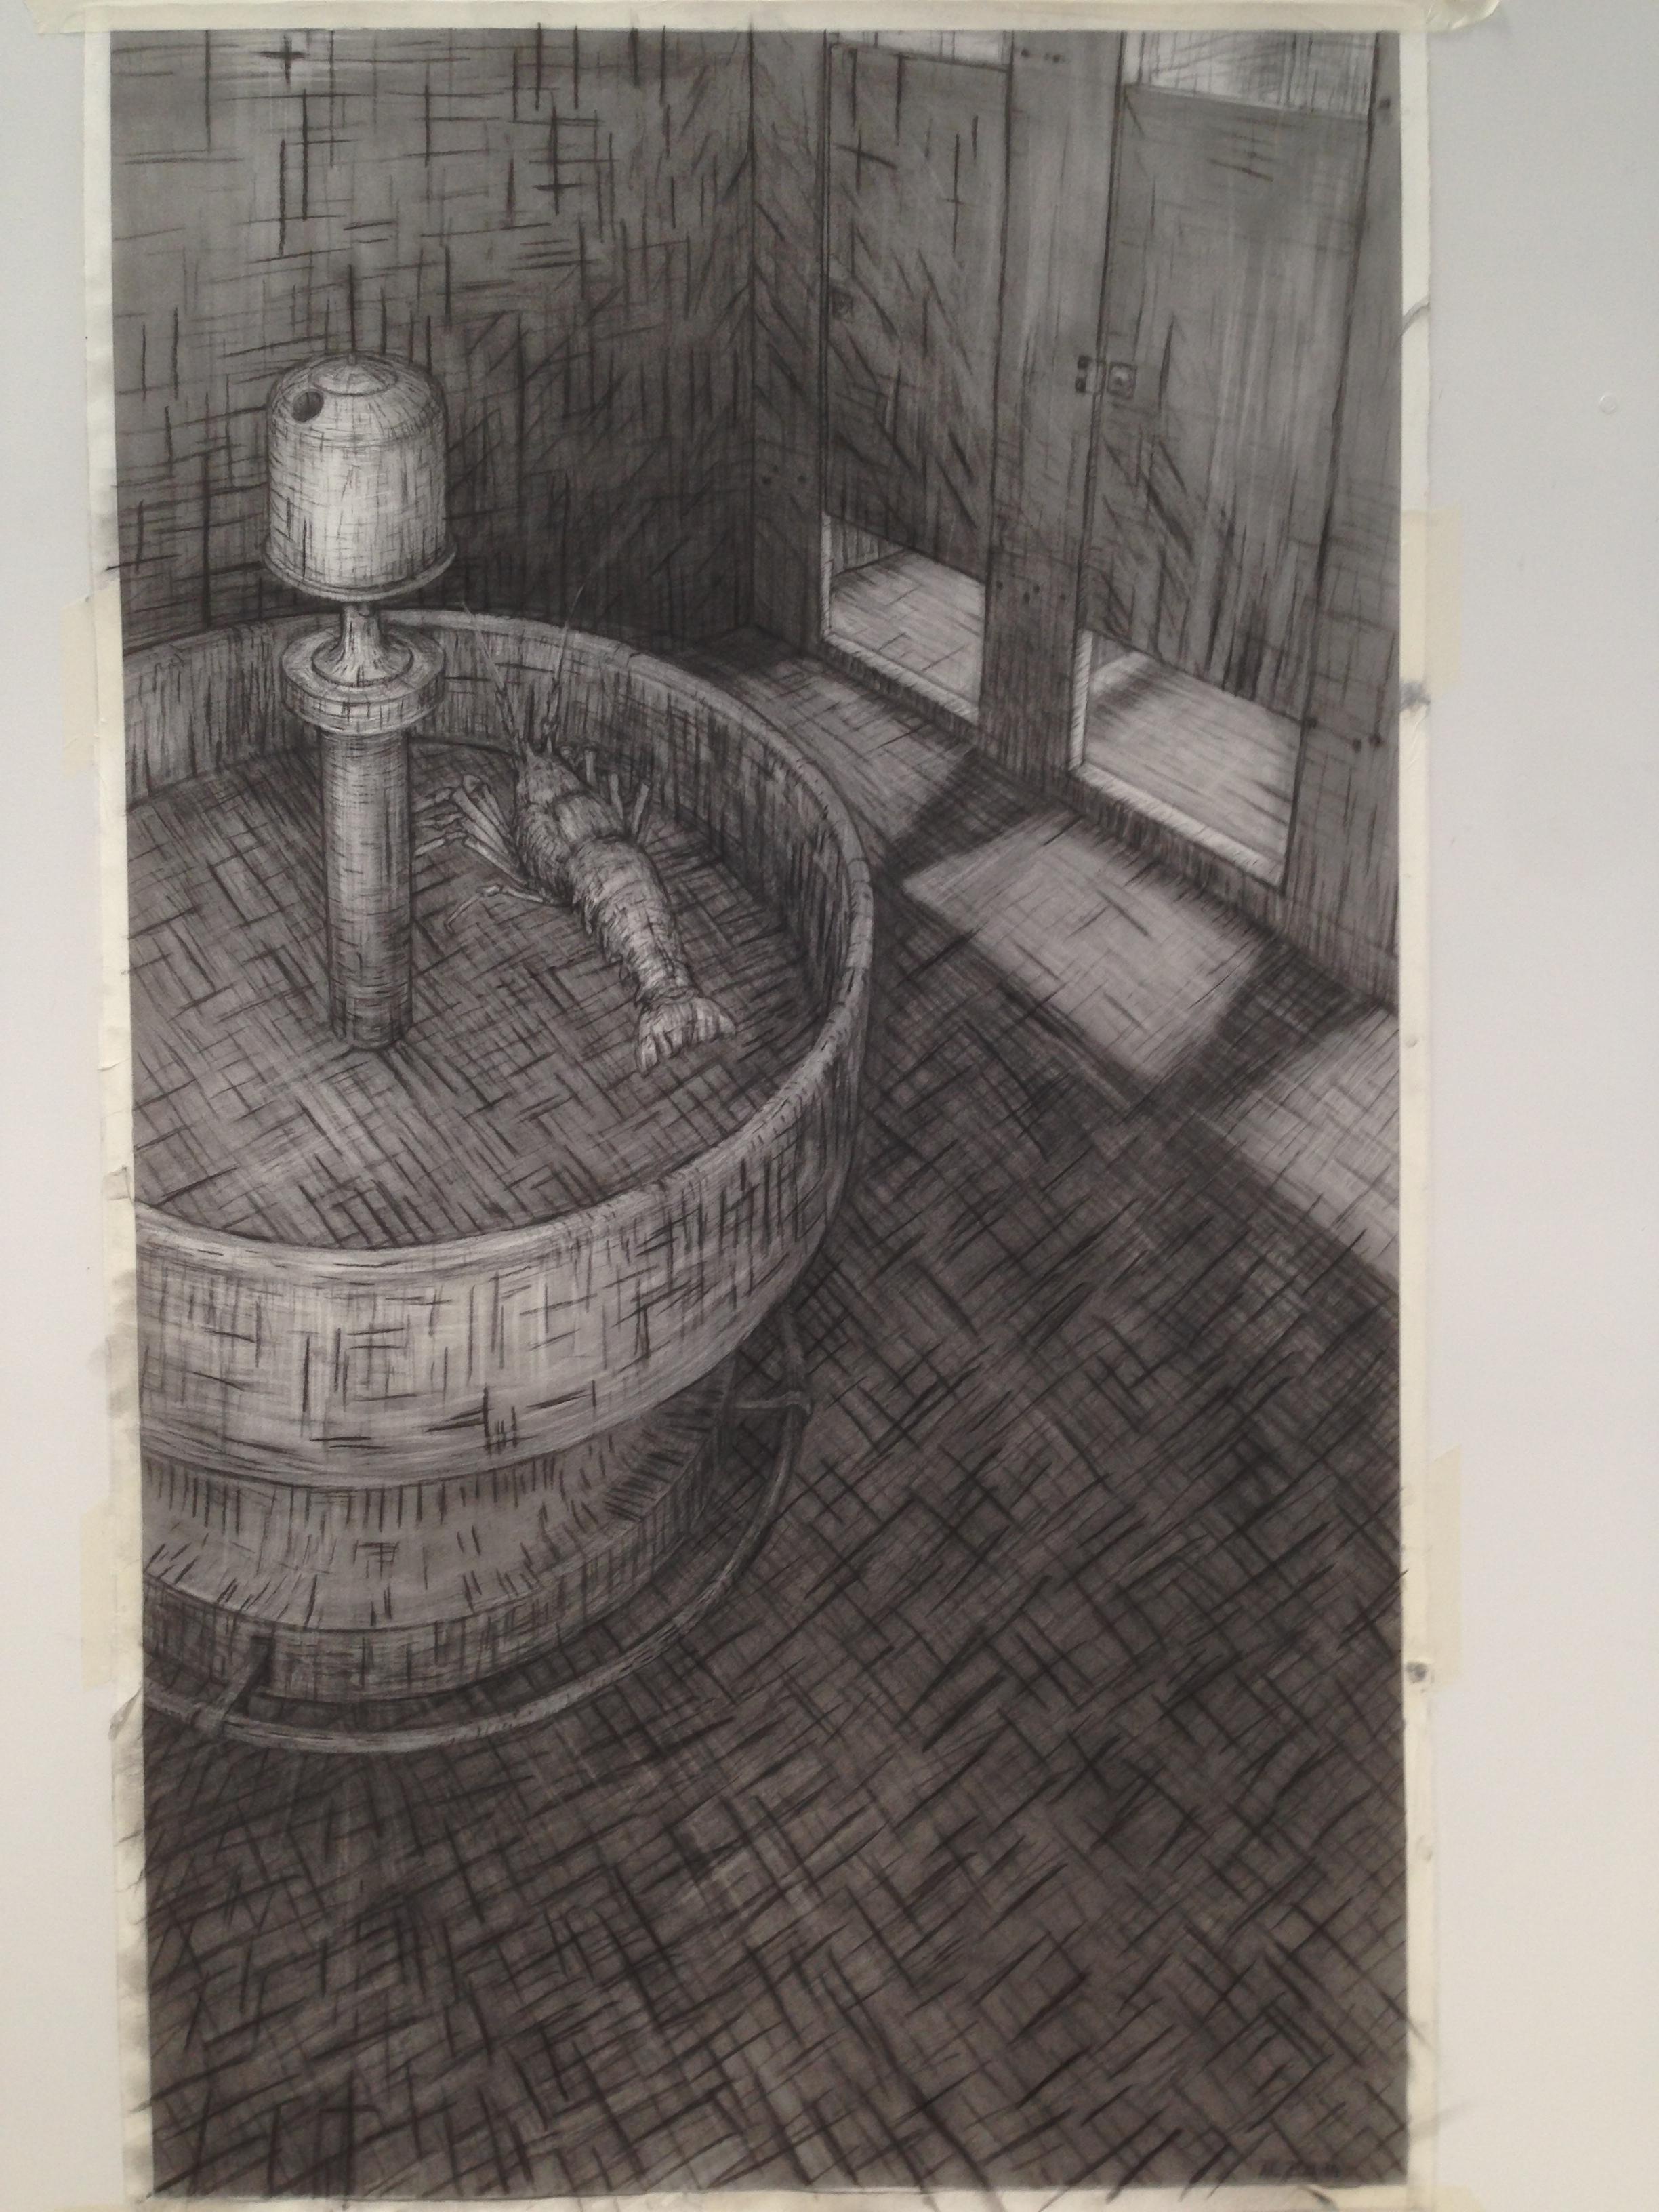 Angela Casey - Vertigo, 2011-2014, charcoal on paper, 183 x 110cm